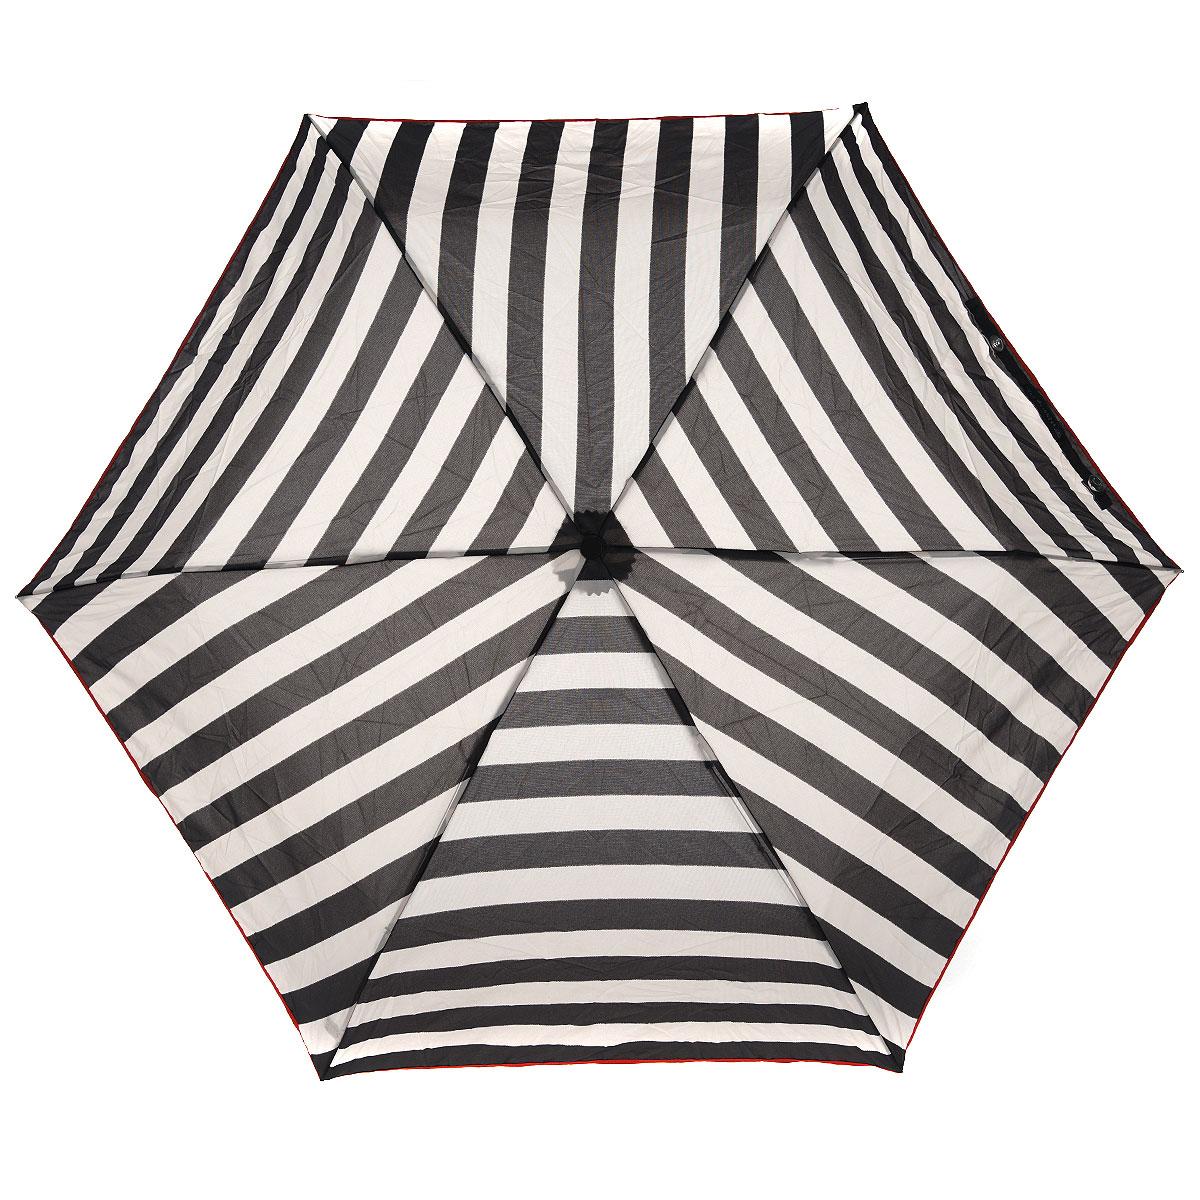 """Зонт женский Fulton Stripe, механический, 3 сложения, цвет: черный, бежевыйL718 2S2343Стильный компактный зонт Fulton """"Stripe"""" даже в ненастную погоду позволит вам оставаться женственной и элегантной. """"Ветростойкий"""" каркас зонта выполнен из алюминия и состоит из шести спиц с элементами из фибергласса, зонт оснащен удобной рукояткой из пластика. Купол зонта выполнен из прочного полиэстера и оформлен полосатым принтом. На рукоятке для удобства есть небольшой шнурок-резинка, позволяющий надеть зонт на руку тогда, когда это будет необходимо. К зонту прилагается чехол на липучке. Зонт механического сложения: купол открывается и закрывается вручную, стержень также складывается вручную до характерного щелчка. Компактный зонт диаметром 3 см в закрытом виде. Ветроустойчивый алюминиевый каркас в 3 сложения, 6 спиц с элементами из фибергласса, материал купола - полиэстер, диаметр купола - 86см. Длина зонта в сложенном виде - 22 см. Вес 138 гр. Характеристики: Материал: алюминий, фибергласс, пластик, полиэстер. Цвет: черный,..."""